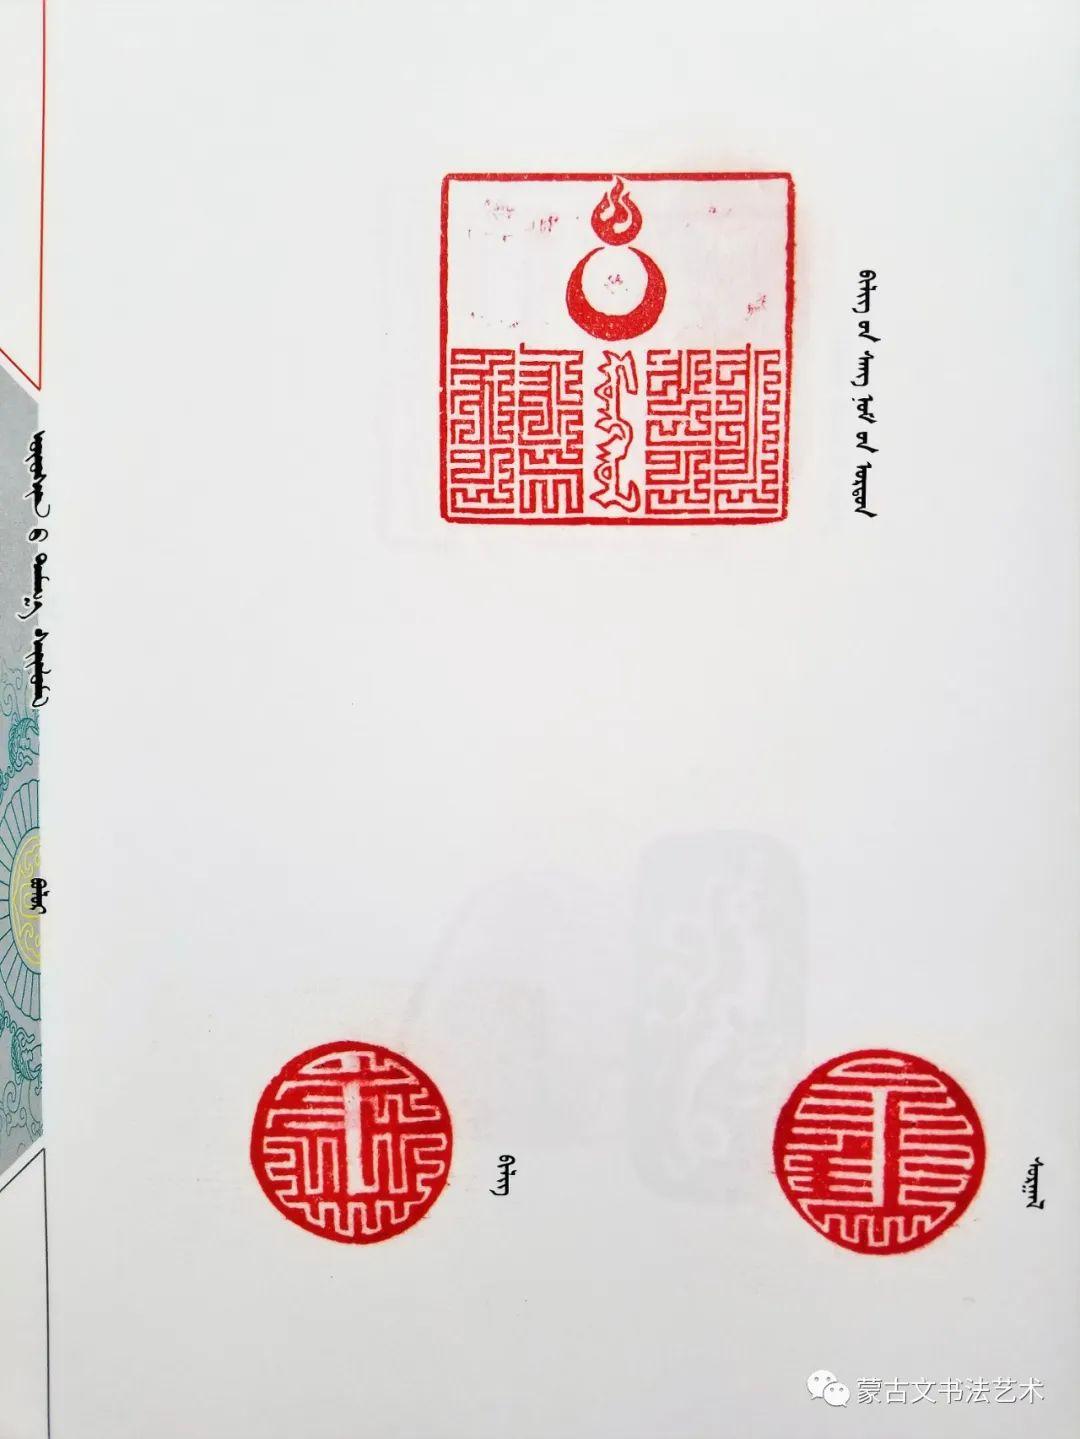 阿拉腾毕力格《乌审旗书法与篆刻精选》 第21张 阿拉腾毕力格《乌审旗书法与篆刻精选》 蒙古书法